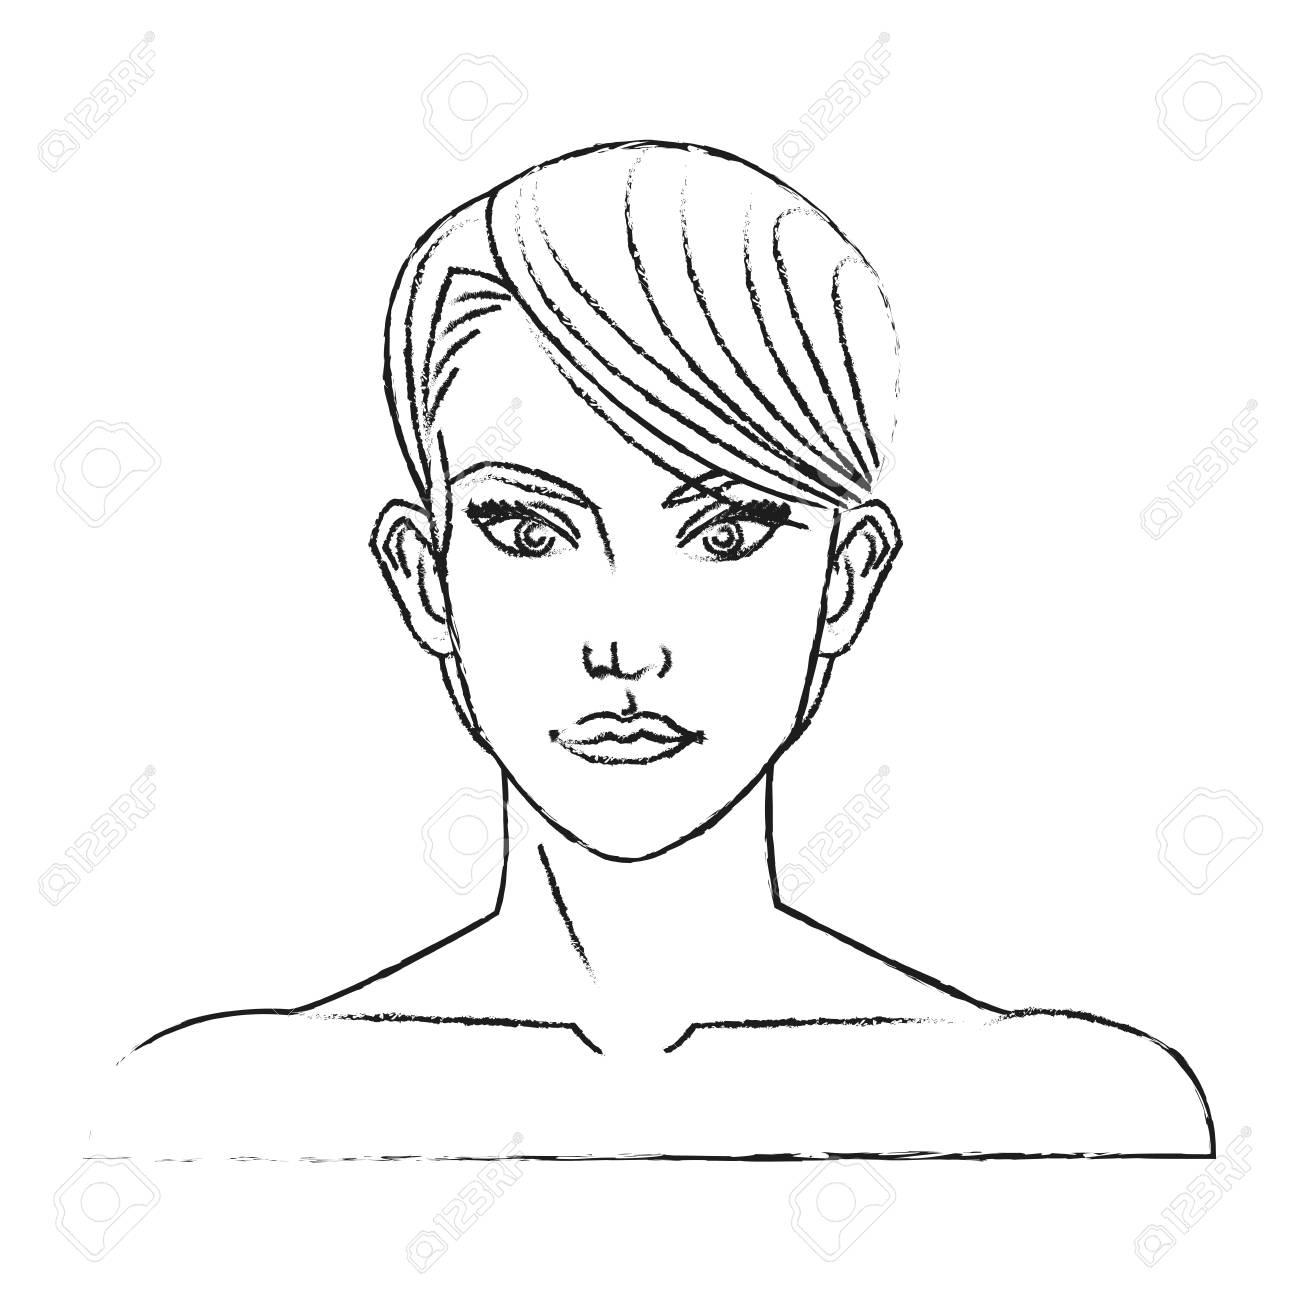 Cone De Desenho Animado De Mulher Menina Personagem Feminina Pessoa E Tema Humano Design Isolado Ilustração Do Vetor